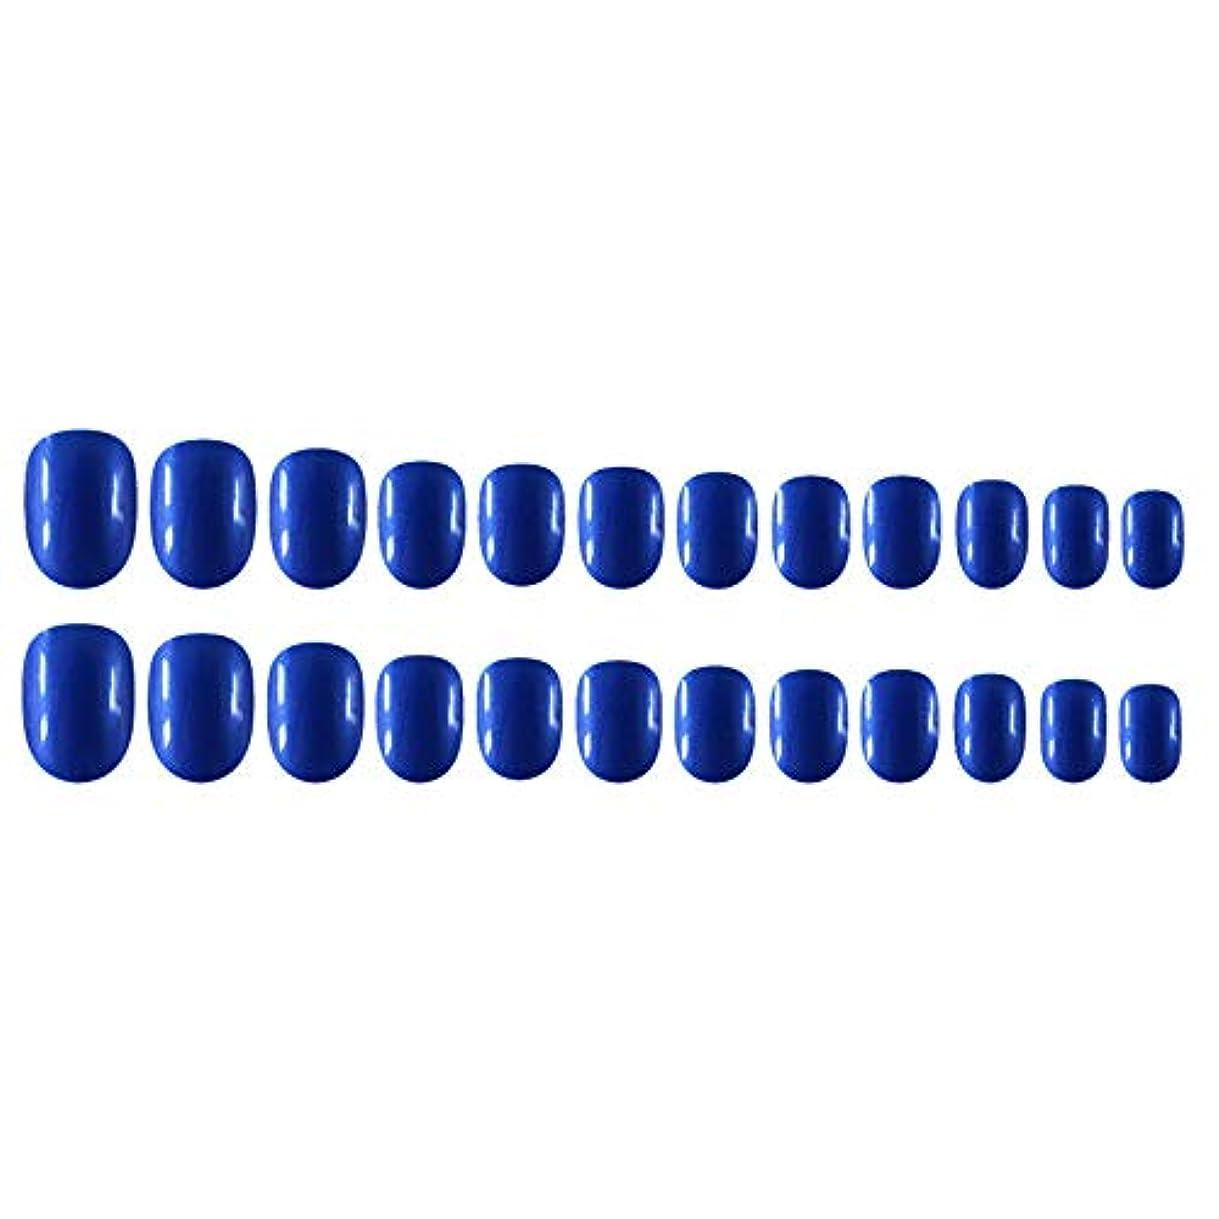 インフララジカル絶壁Decdeal Decdeal ネイルチップ 24ピース 12異なるサイズ diy サロン ネイルアートツール 偽